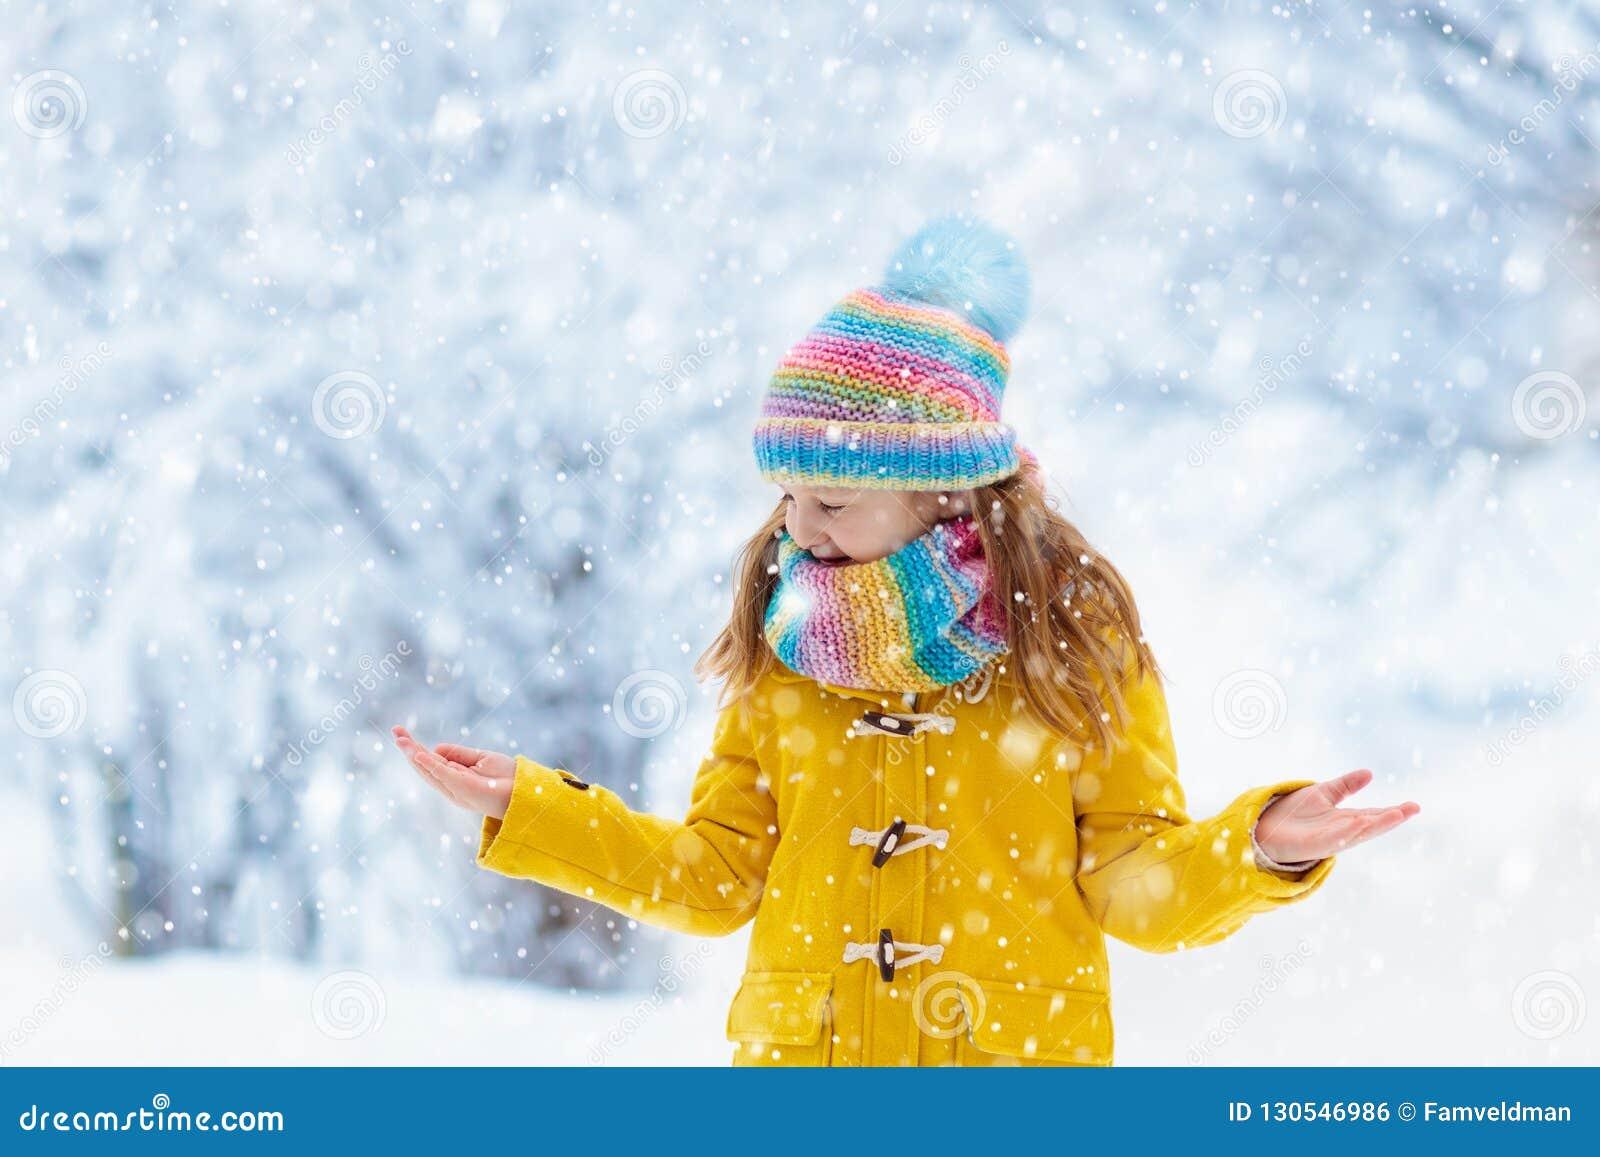 Παιχνίδι παιδιών στο χιόνι στα Χριστούγεννα Κατσίκια το χειμώνα